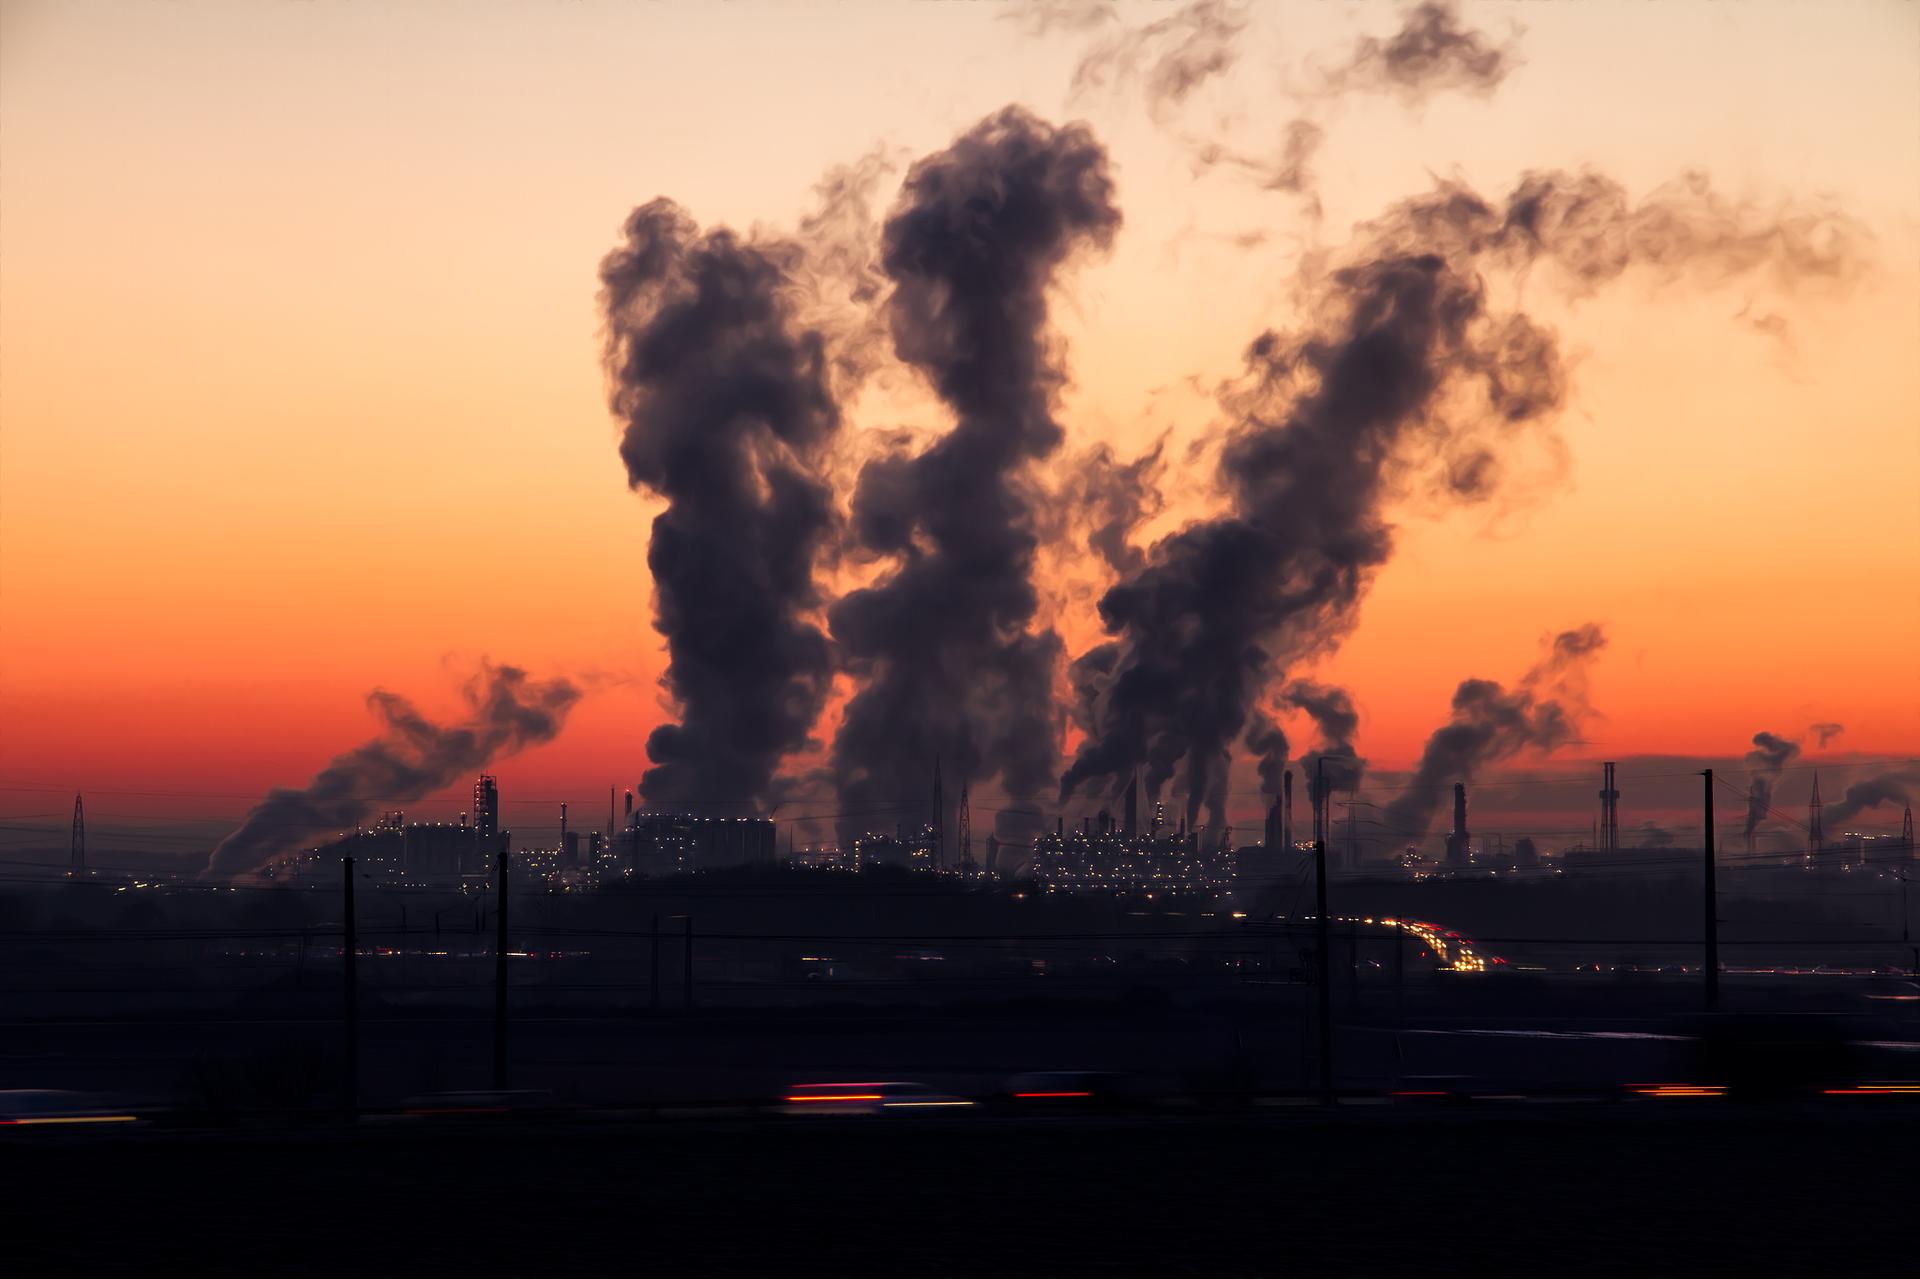 Картинка экология загрязнение